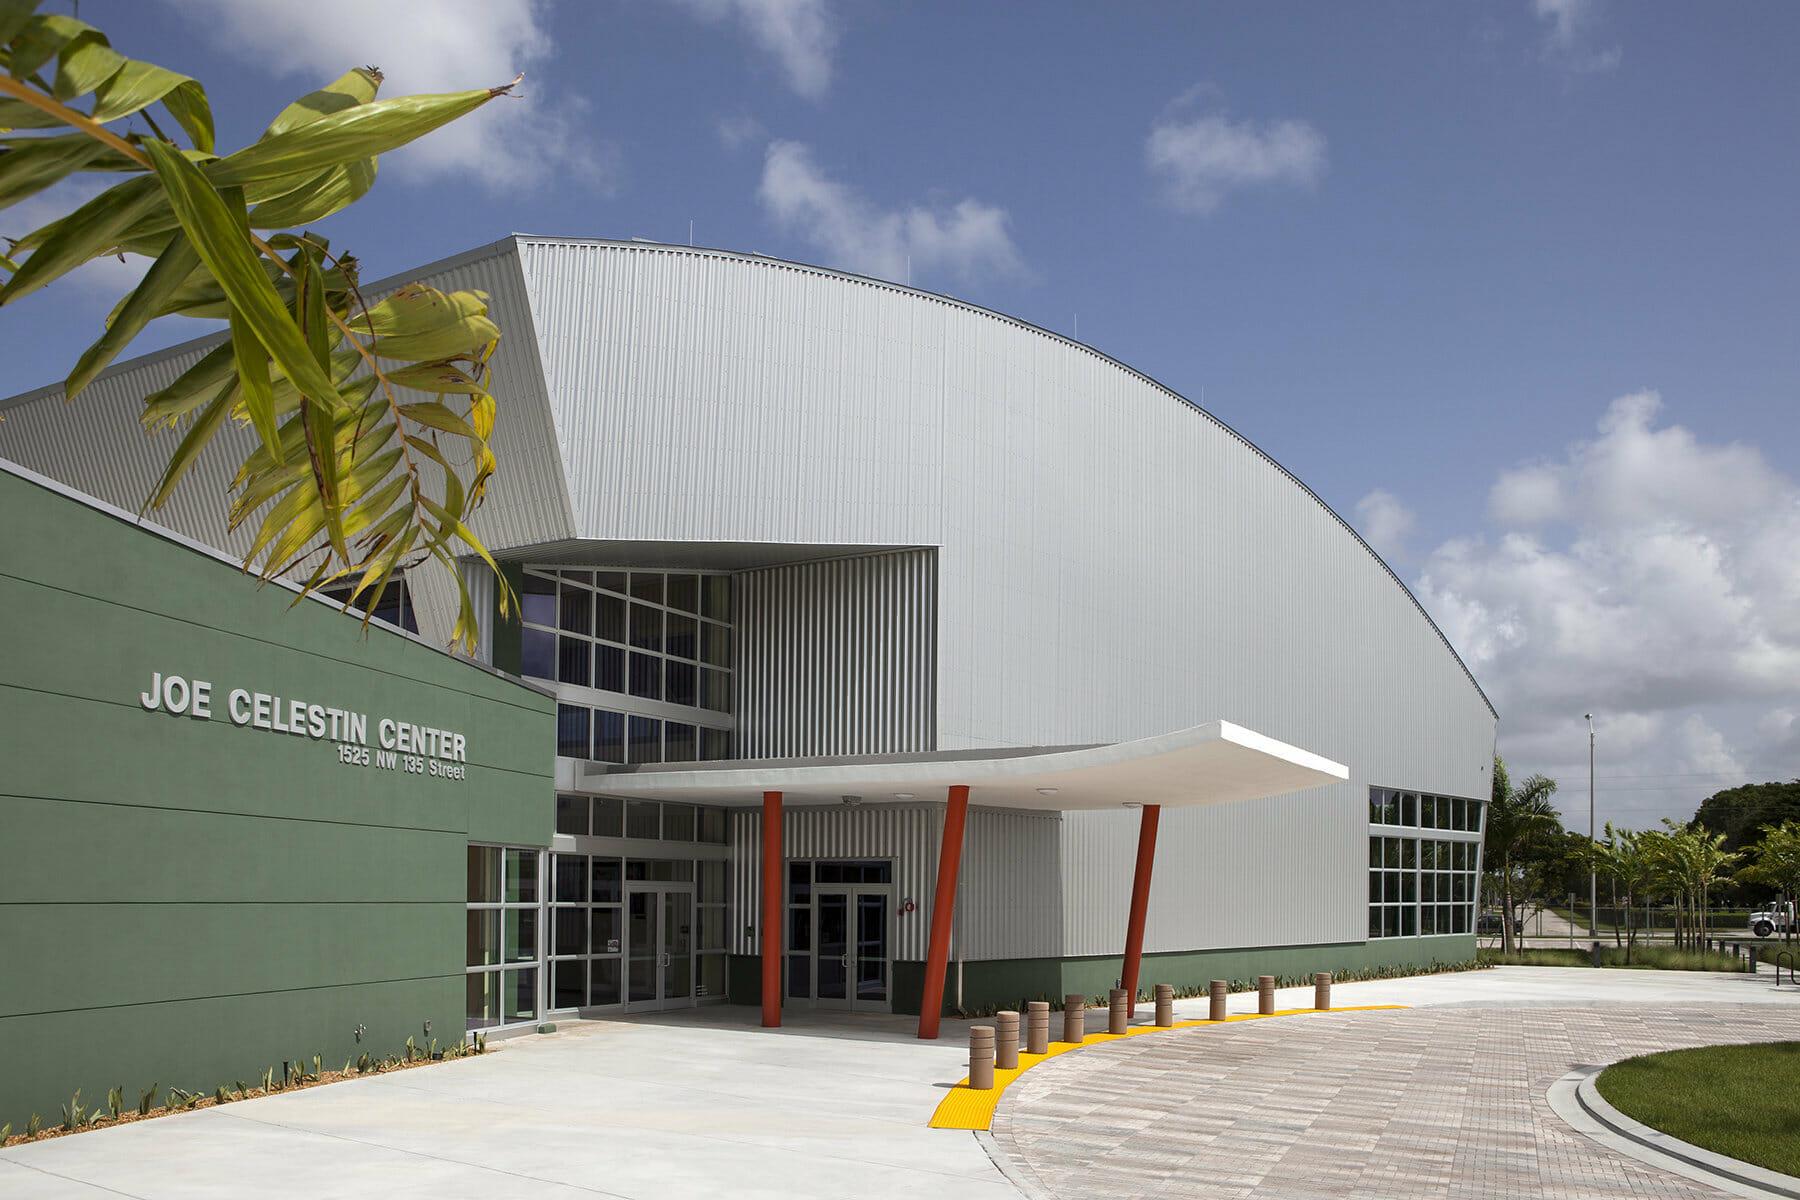 Joe Celestin Center